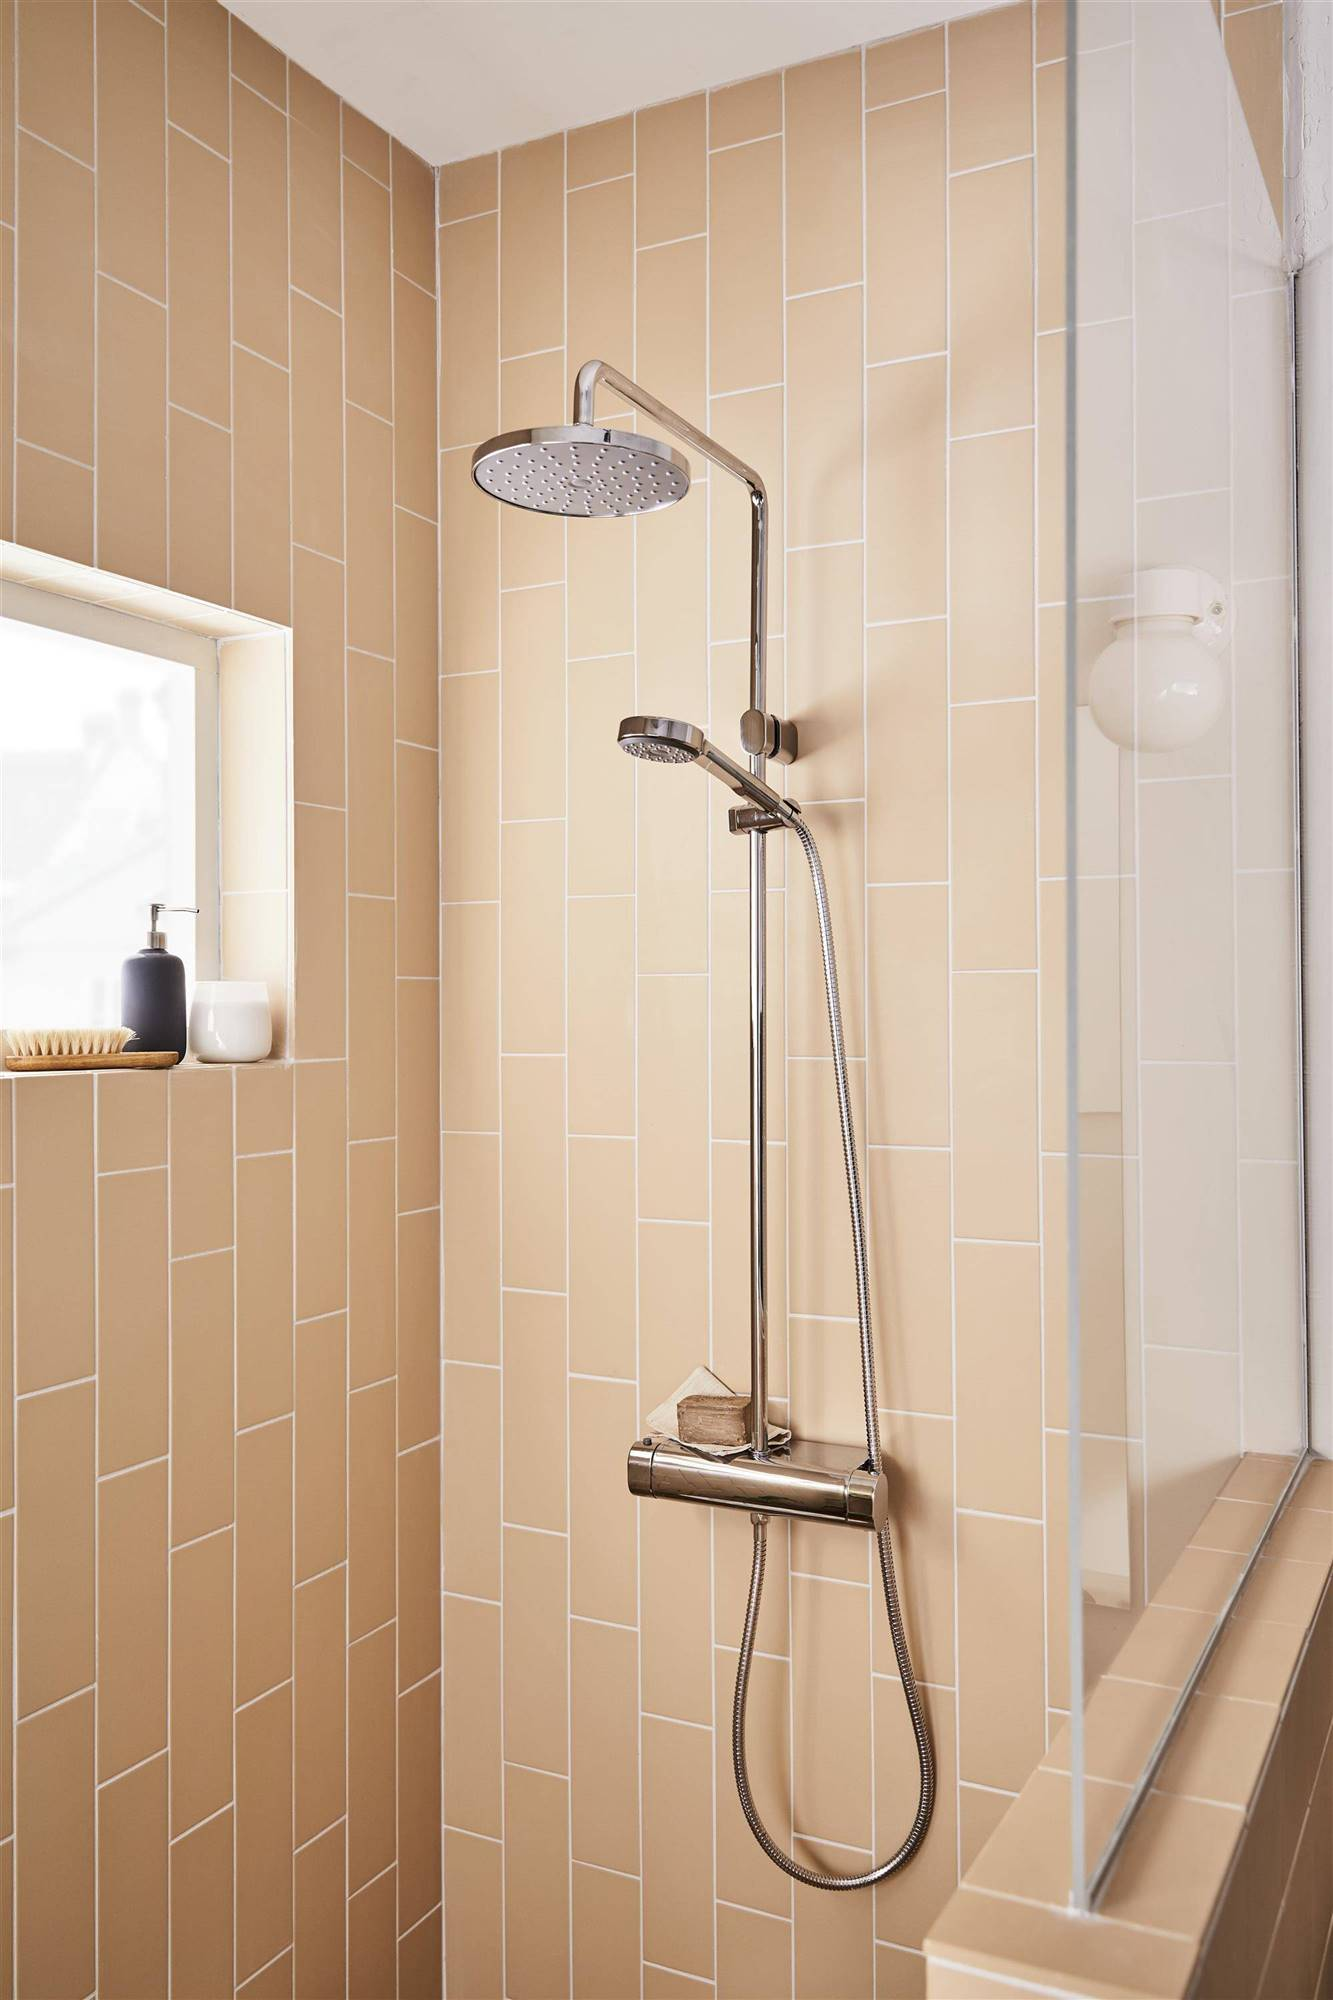 Cu nto cuesta cambiar la ba era por ducha - Ideas para mamparas de ducha ...